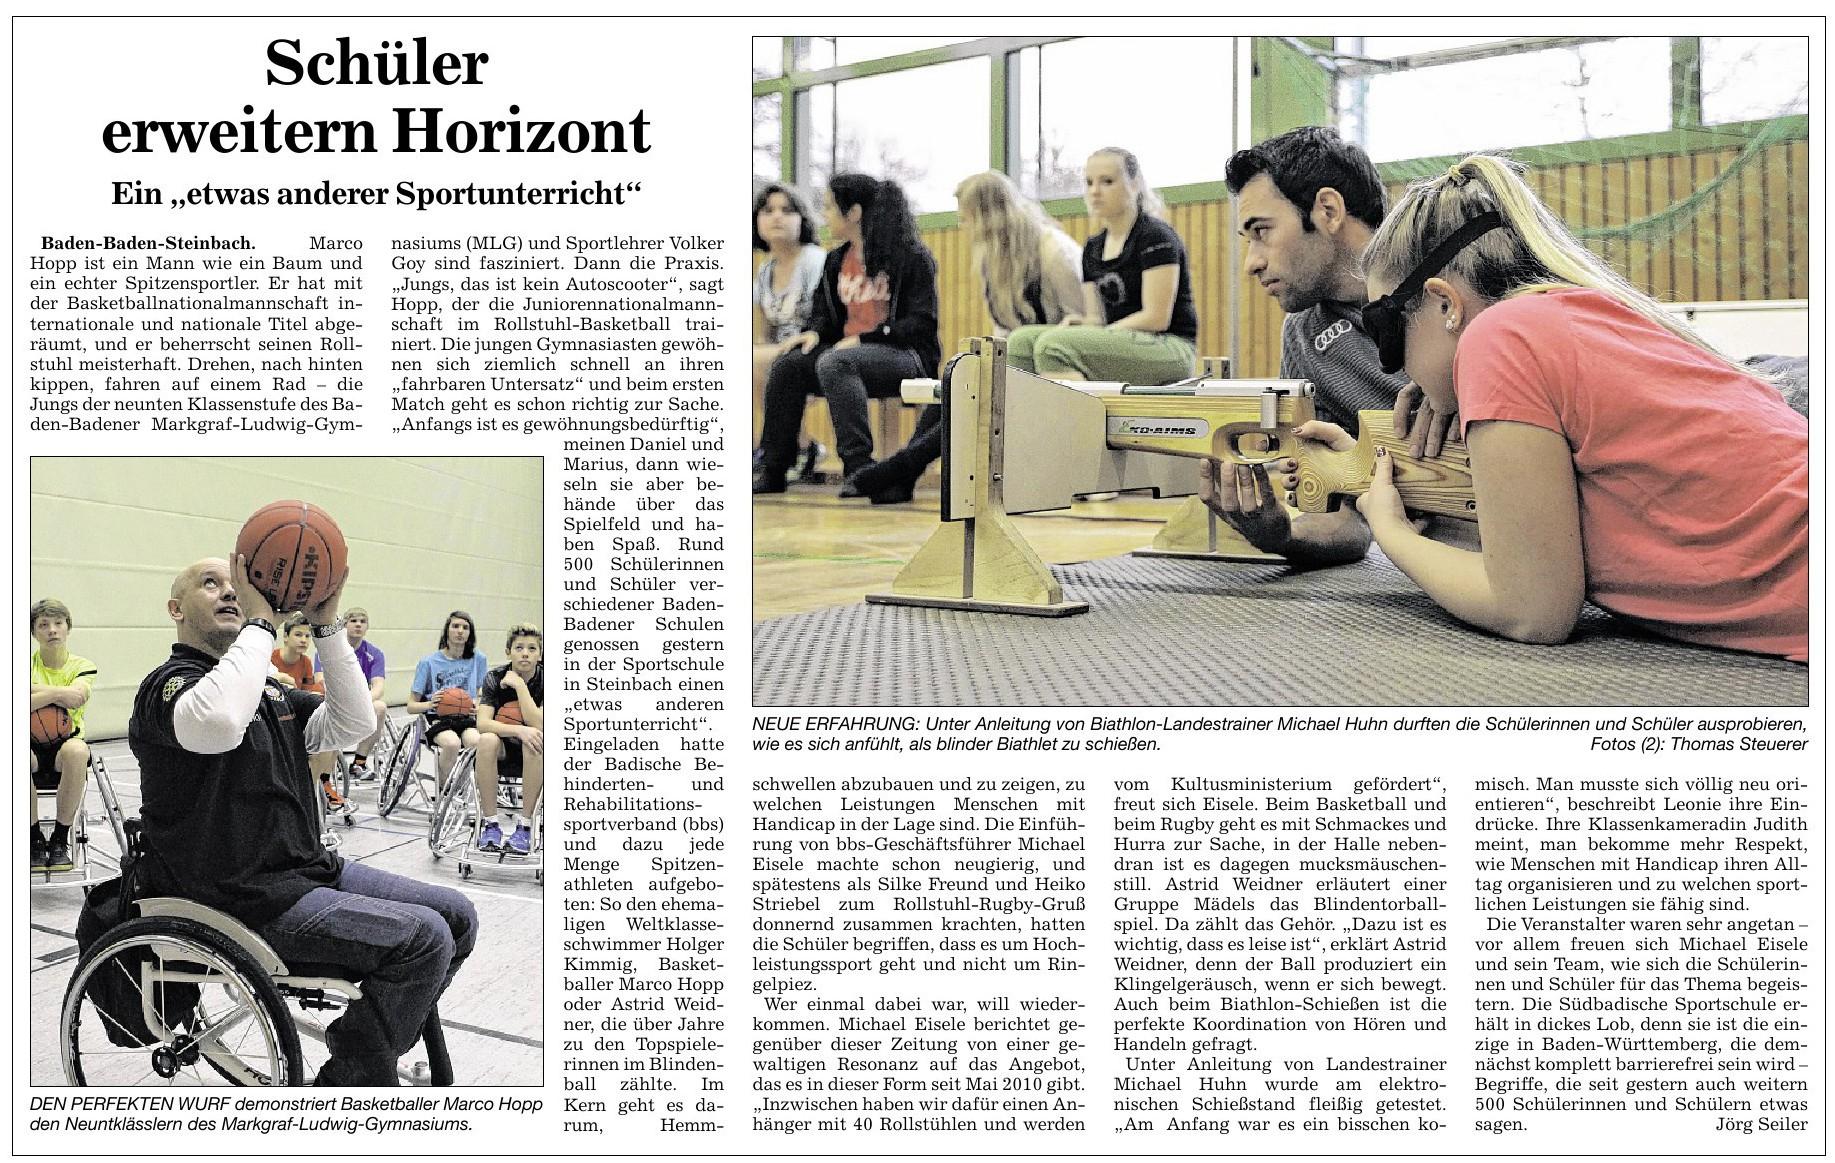 Badische Neueste Nachrichten, 20.12.2013: Schüler erweitern Horizont